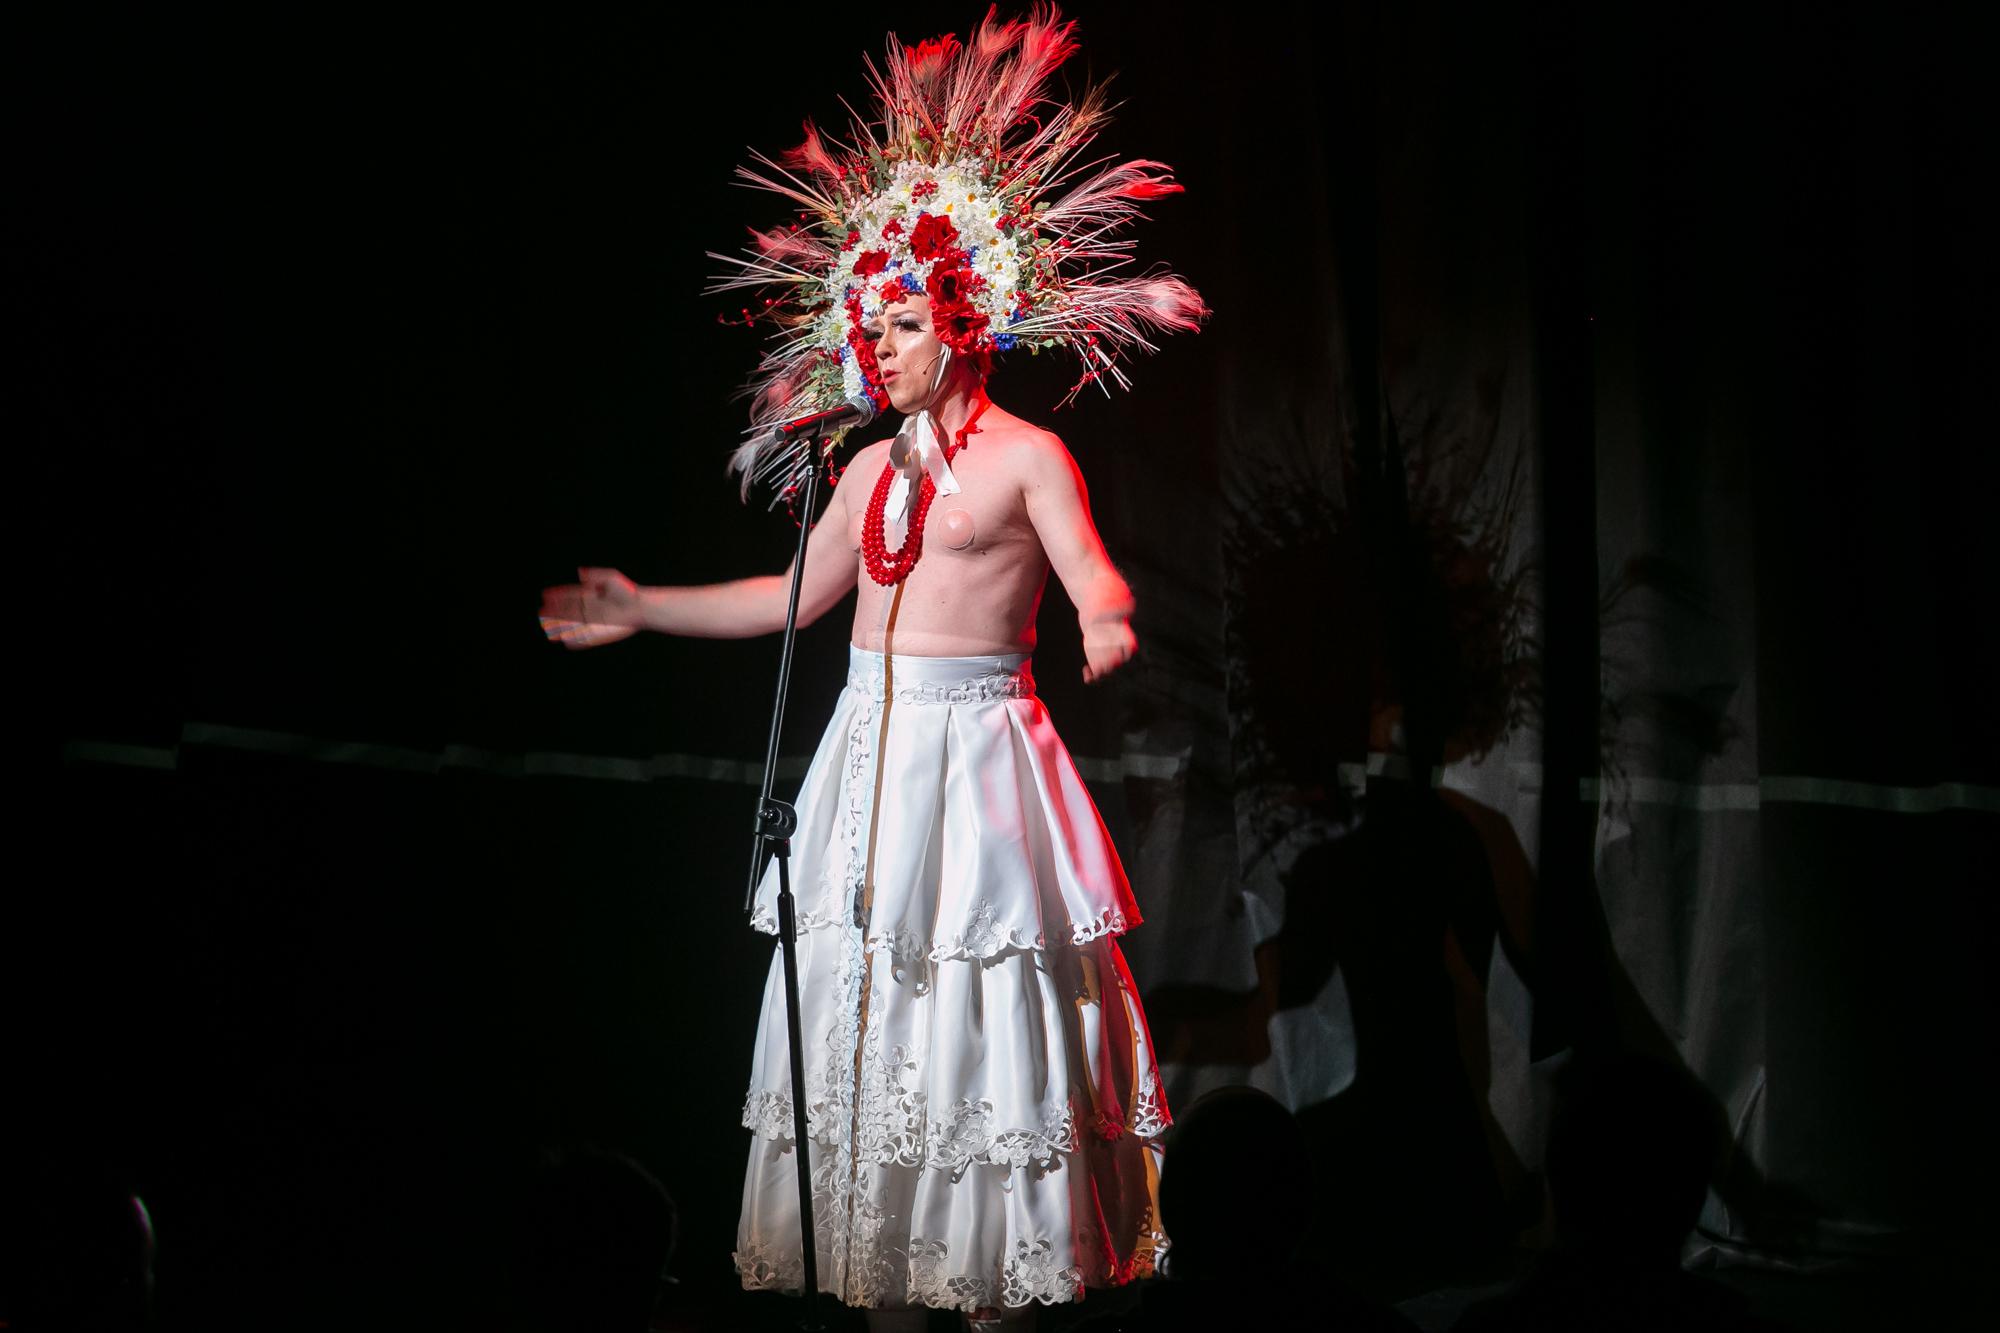 Na tle czarnej, fałdowanej kurtyny stoi przed mikrofonem Karol Polski (Karolina) - ężczyzna-drag queen. Na głowie ma ogromny wieniec z kłosów zbóż, pawich piór, sztucznych maków, chabrów, rumianku i jarzębiny, mocny makijaż z długimi sztucznymi rzęsami, na szyi kilka sznurów czerwonych korali. Jest nagi do pasa, ma długą białą, płócienną spódnicę z trzech falban, wykończonych ażurowym haftem. Rozkłada ręce.